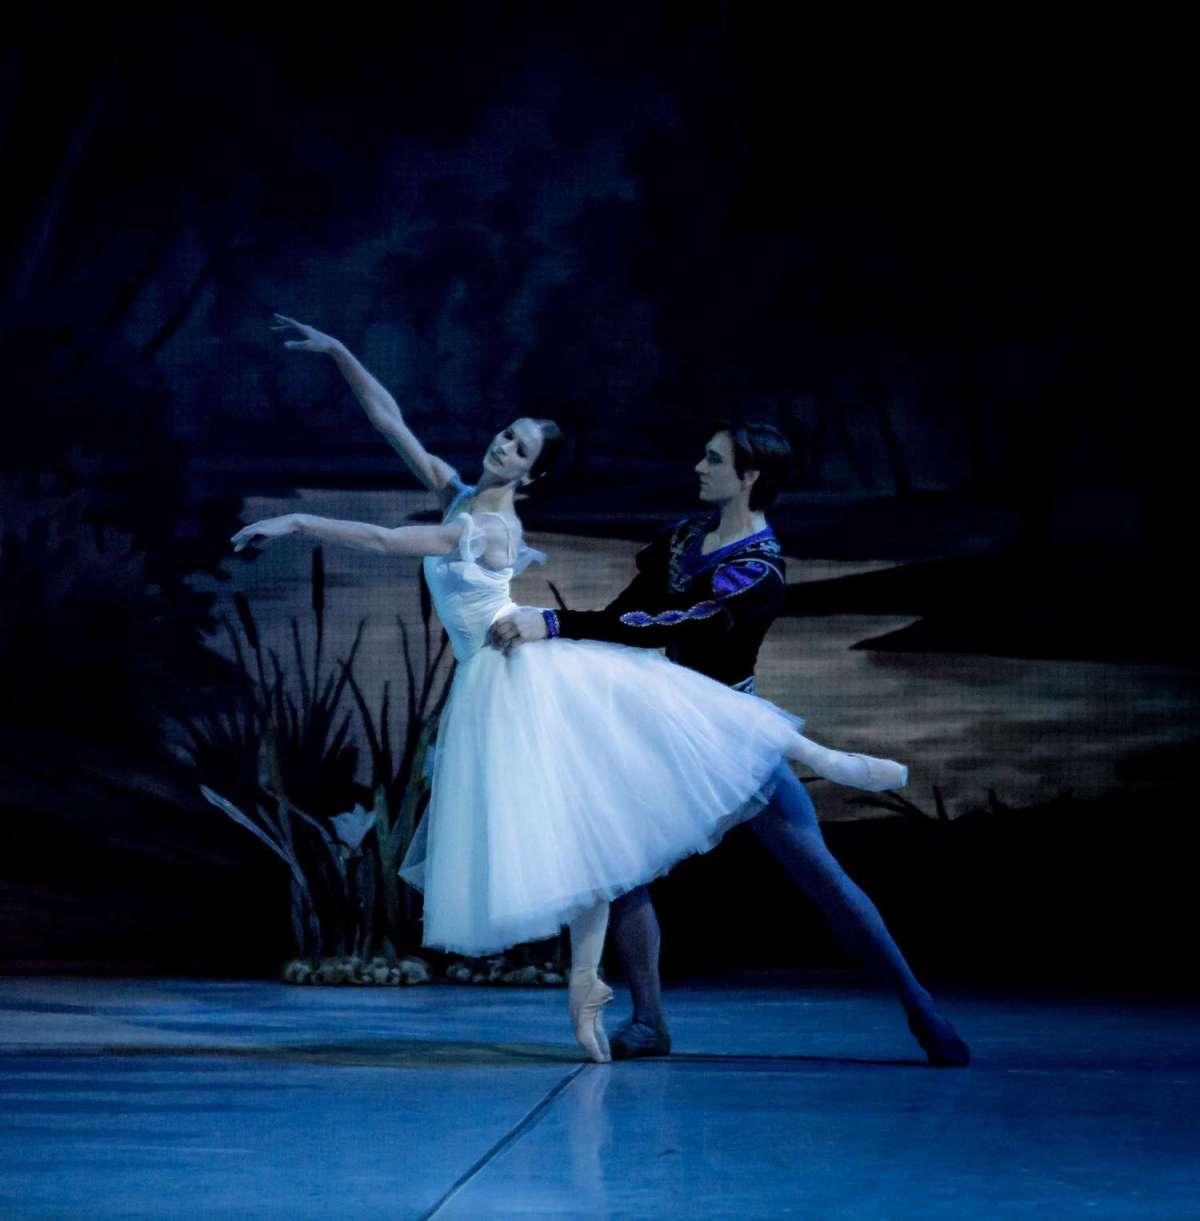 Wer tanzt die Giselle? WelchePrimaballerina?